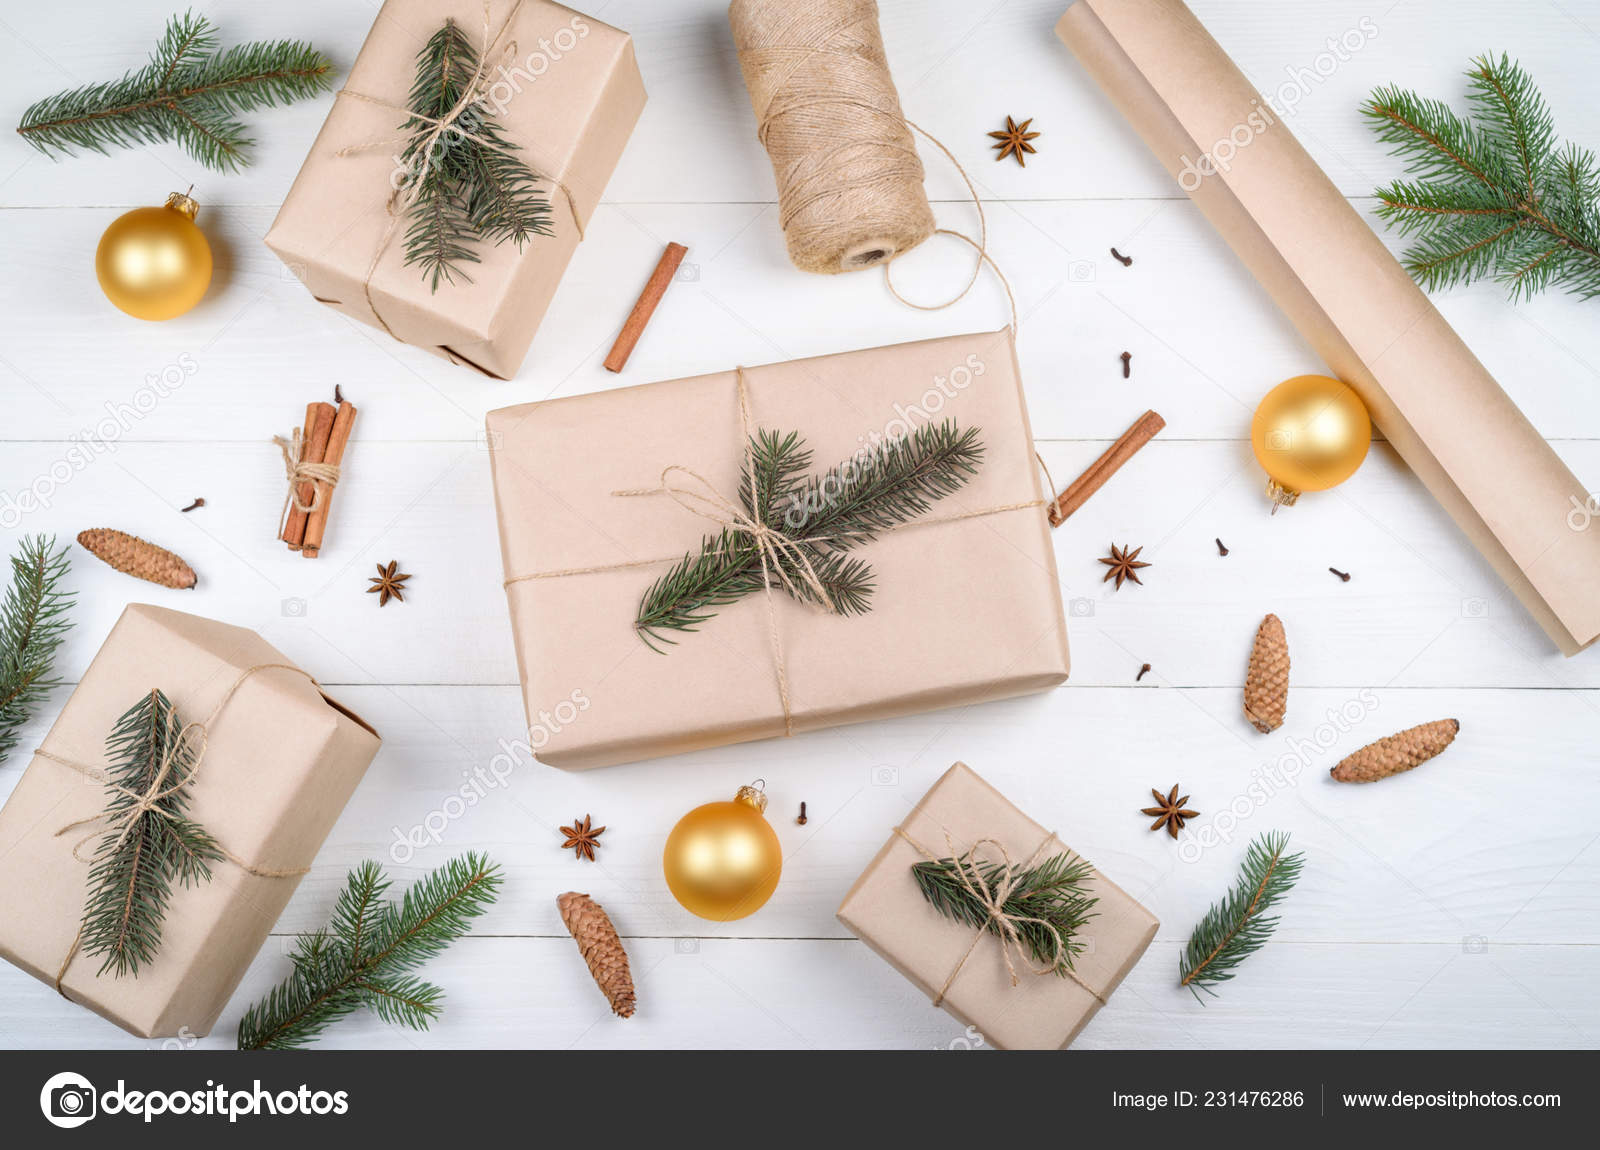 Branche D Arbre Sapin De Noel fond noël avec des boîtes cadeaux emballés dans papier kraft